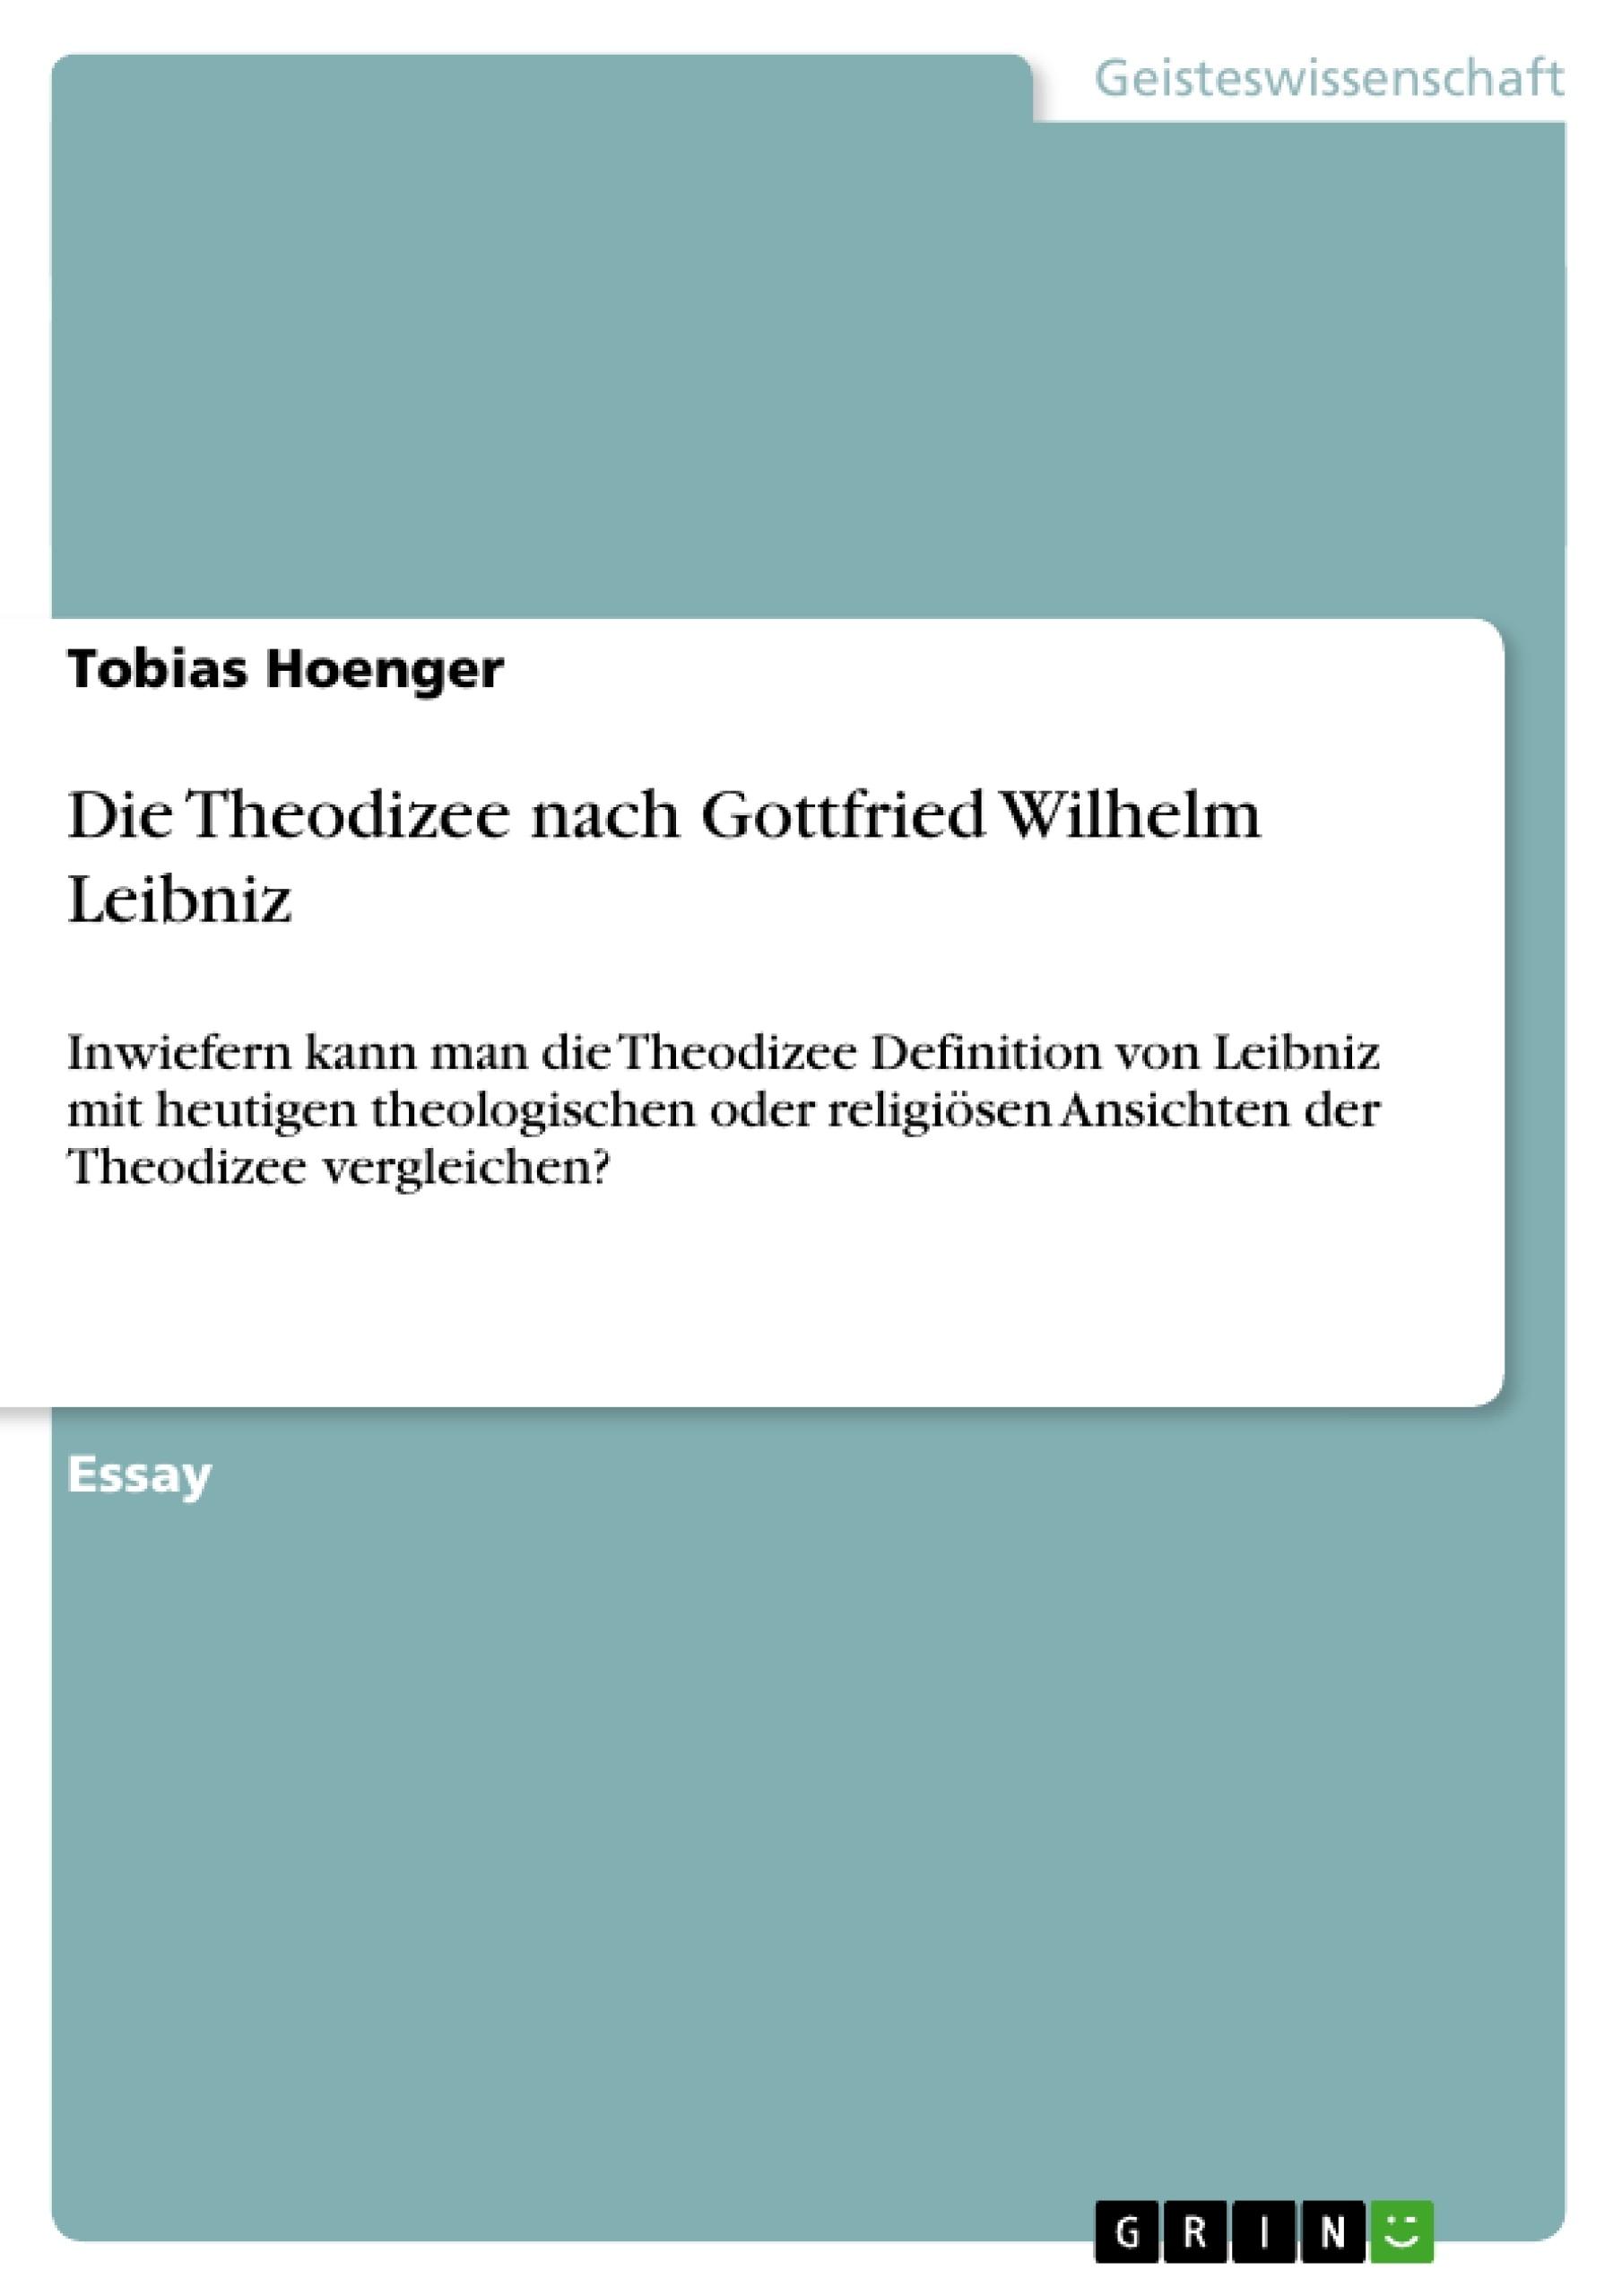 Titel: Die Theodizee nach Gottfried Wilhelm Leibniz